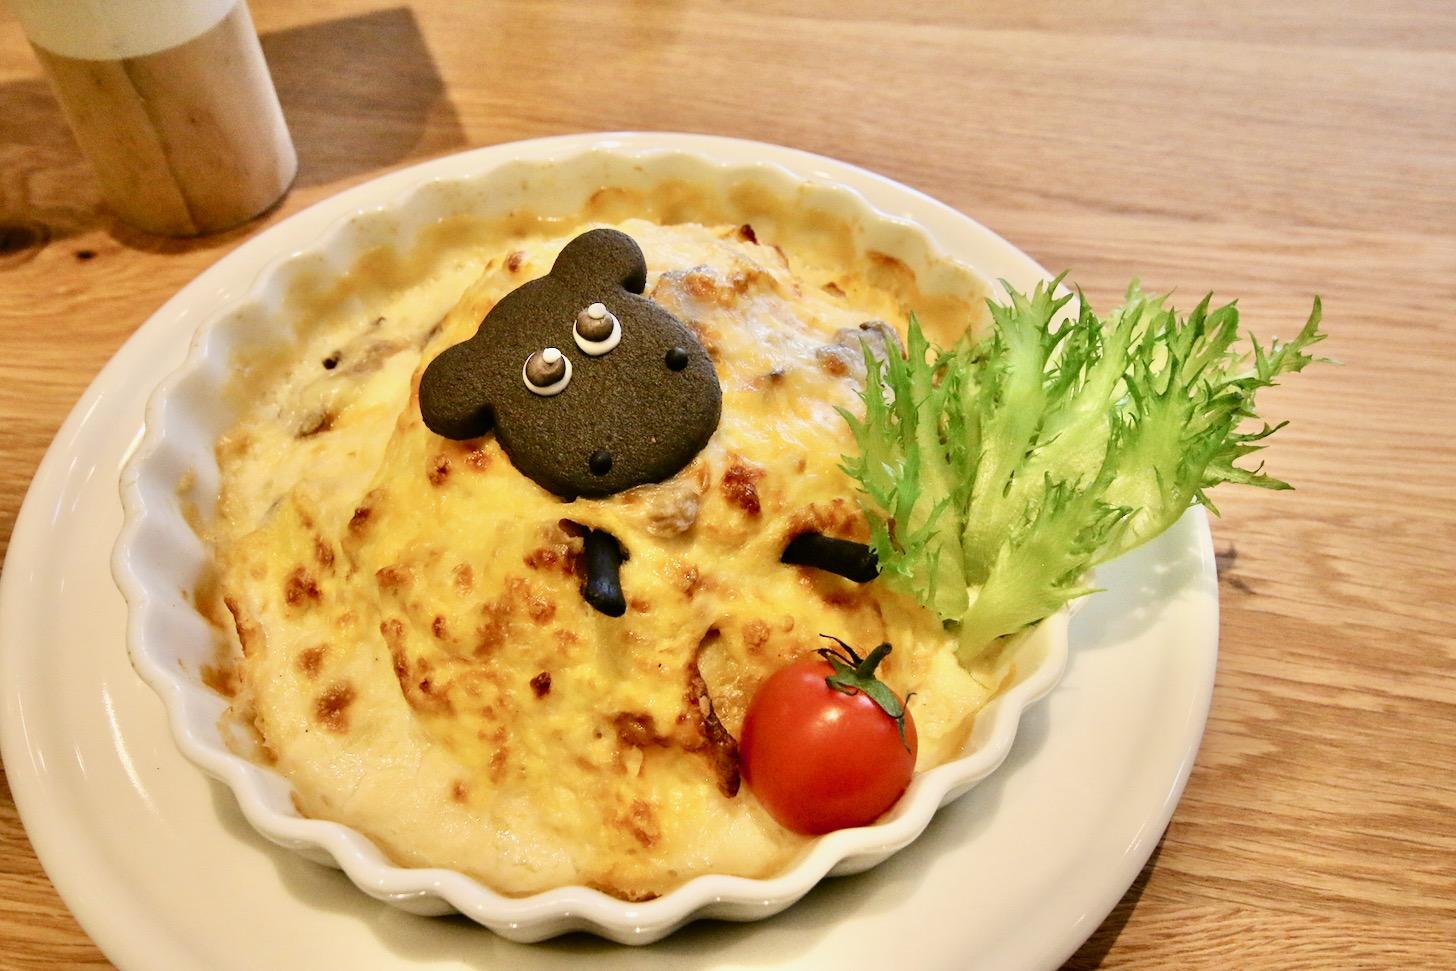 ひつじのショーンビレッジショップ&カフェ シャーリーの食いしん坊グラタンオムライス